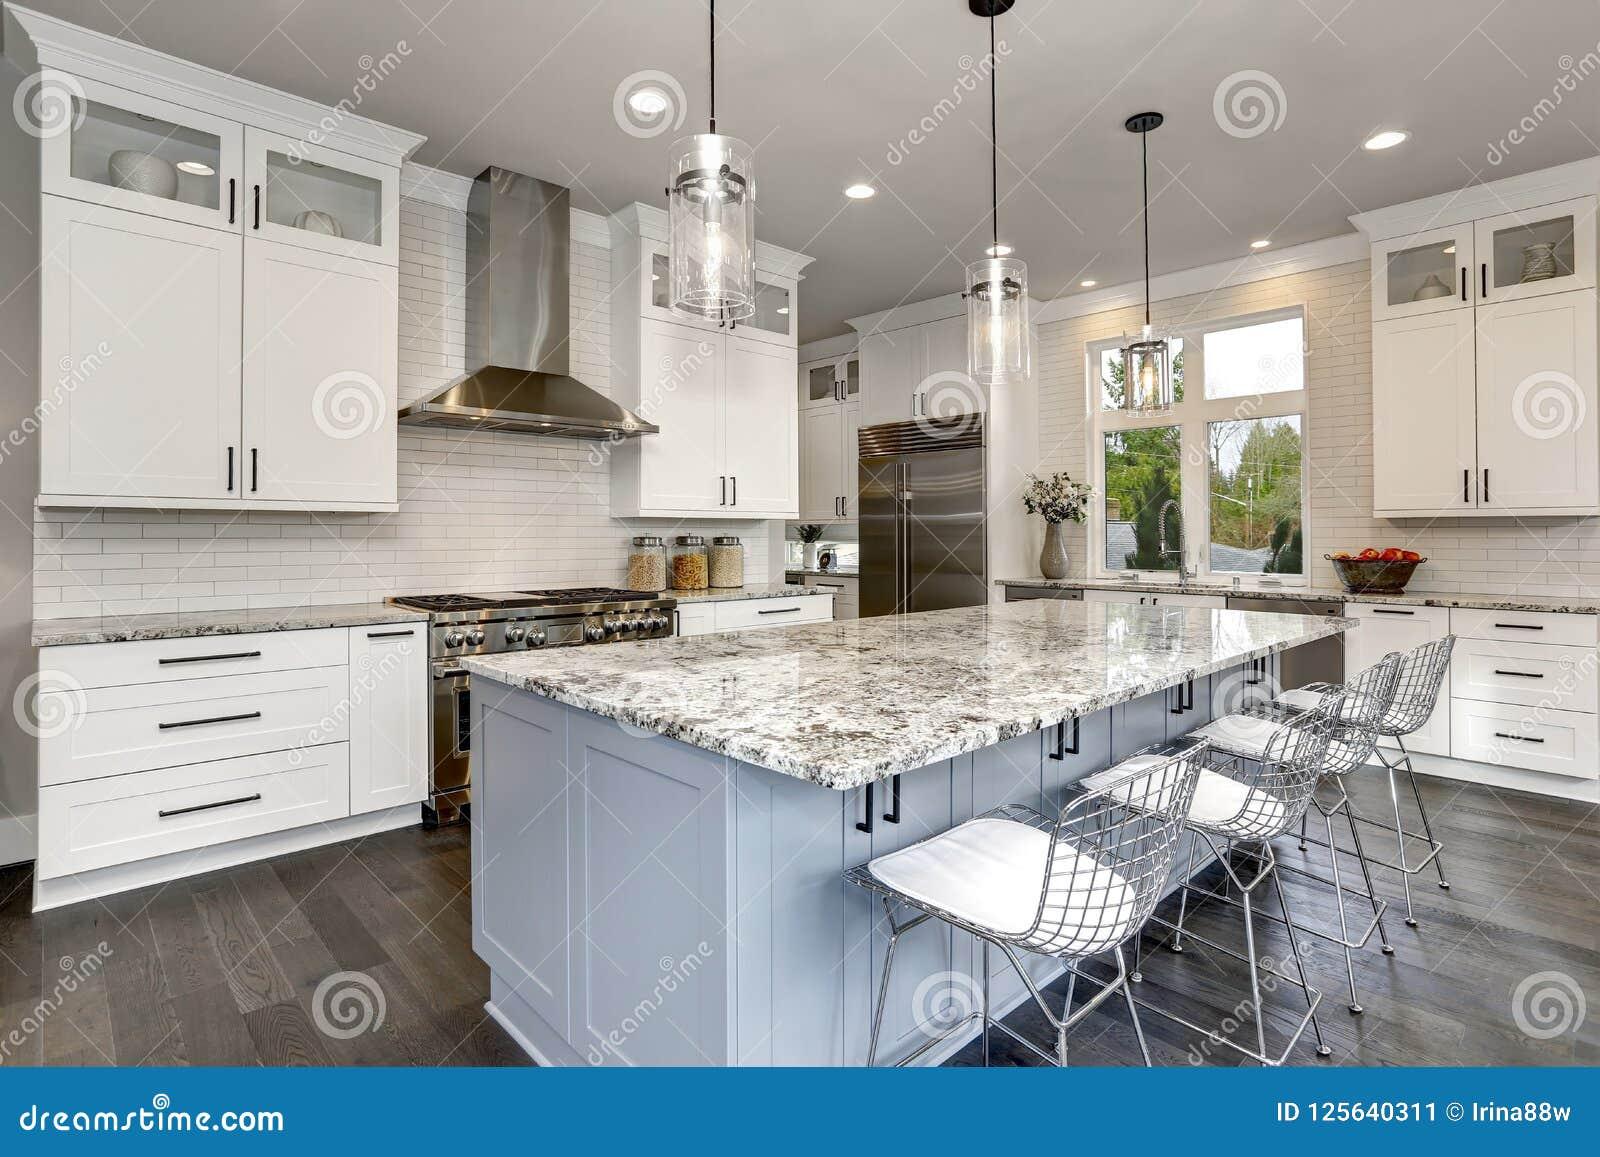 Cozinha bonita no interior moderno home contemporâneo luxuoso com ilha e as cadeiras de aço inoxidável